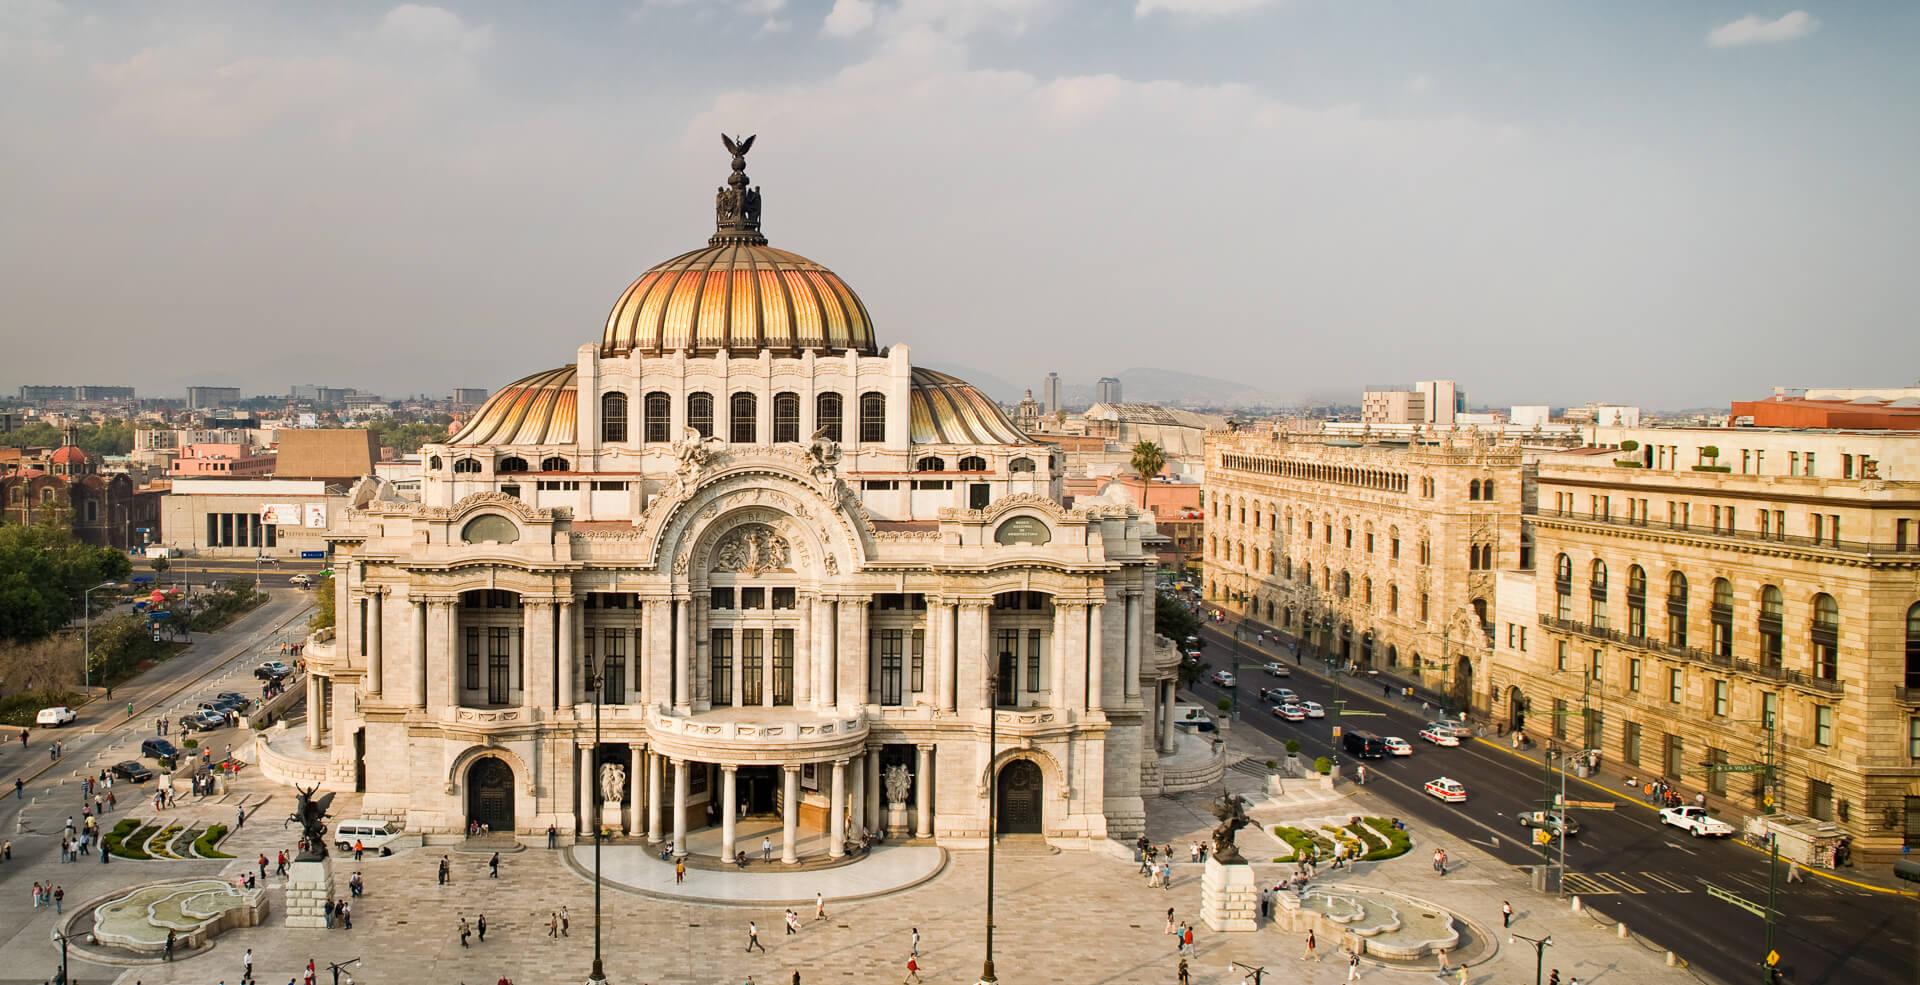 actividades-principales_ciudad-de-mexico_ciudad-de-mexico_recorre-el-centro-historico_01.jpg